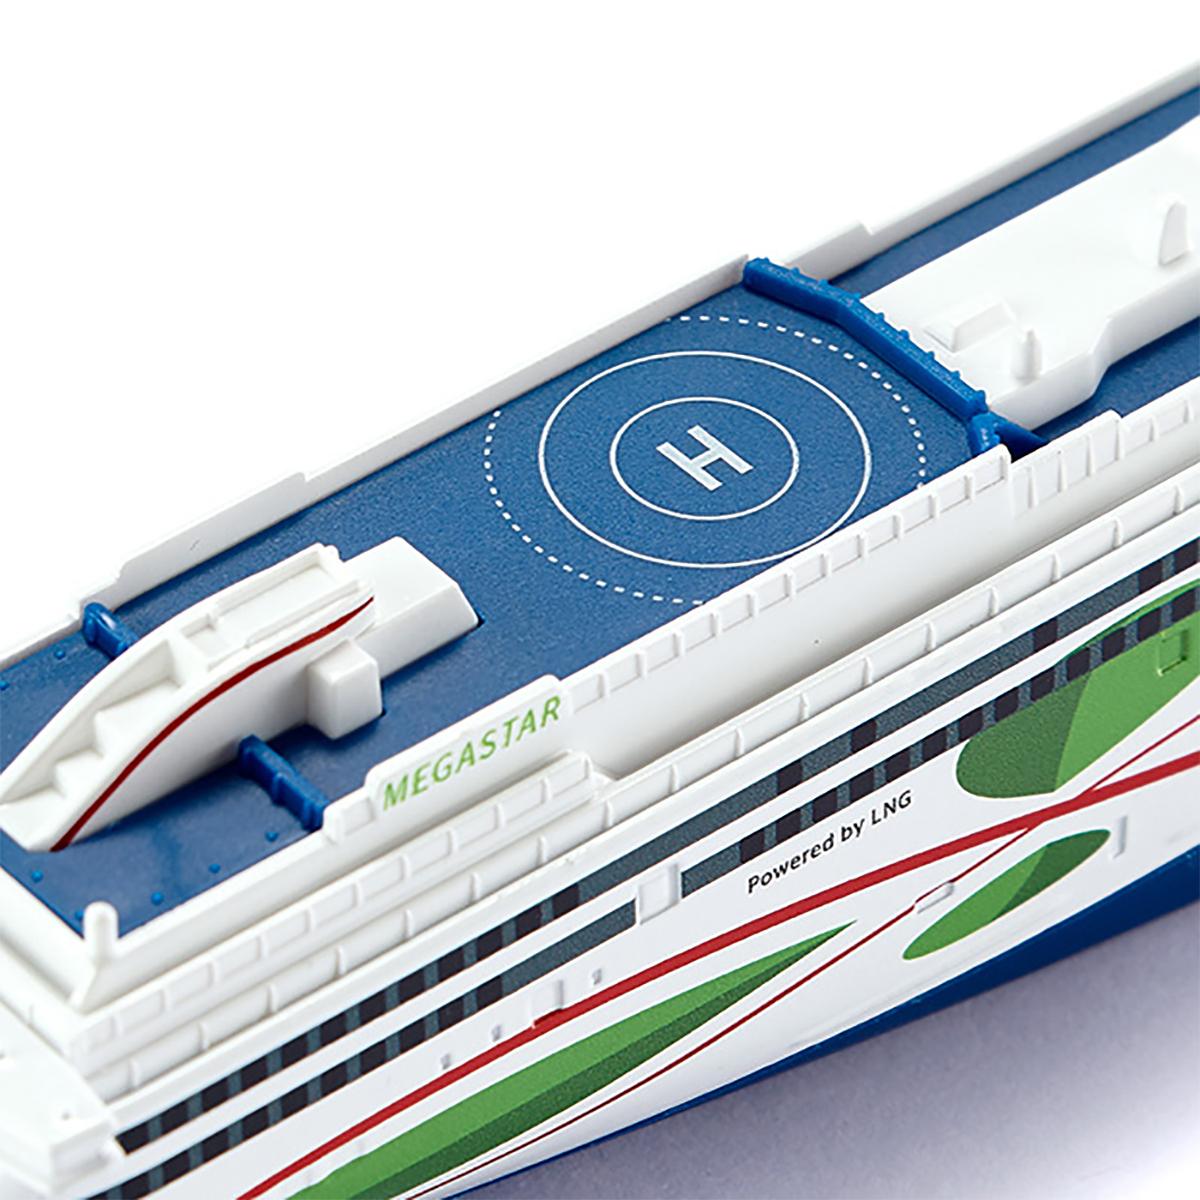 タリンクシャトル メガスター号(ジク・SIKU)